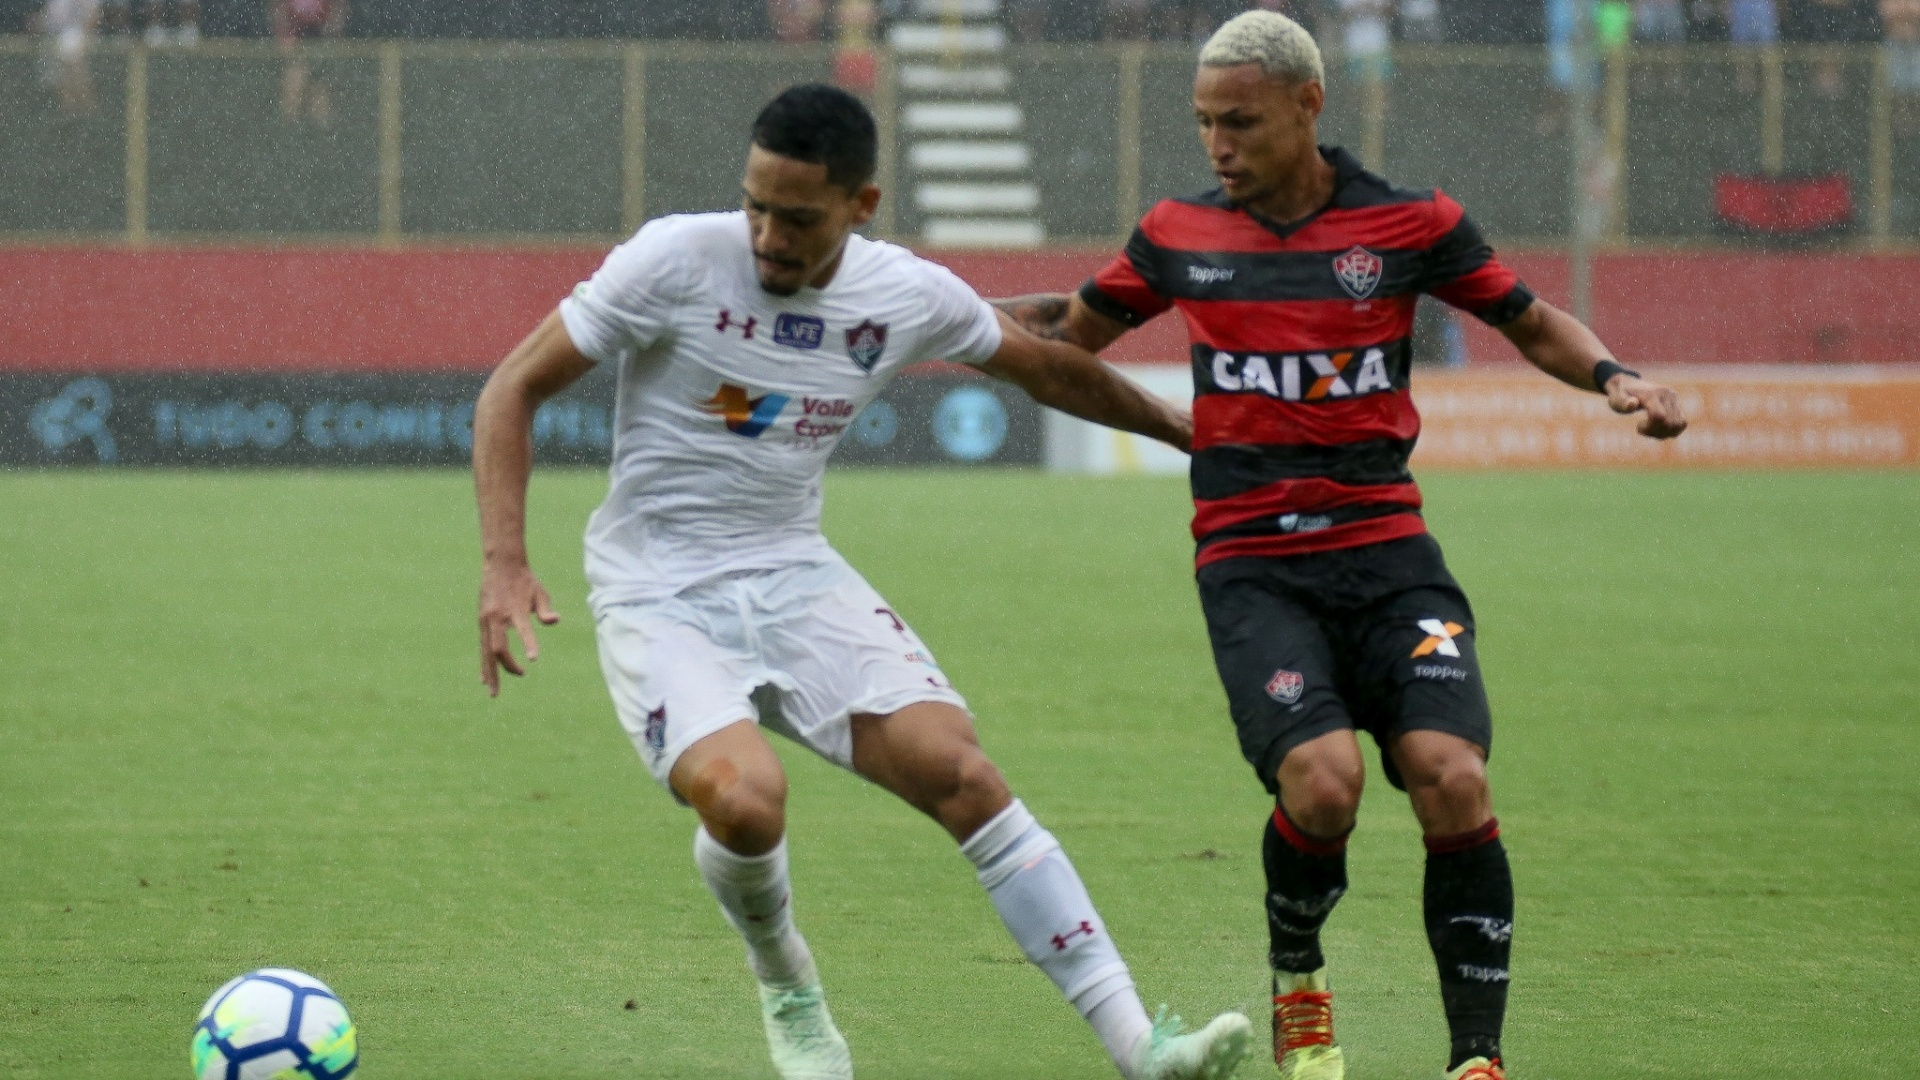 Gilberto e Neilton disputam bola em Vitória x Fluminense pelo Campeonato Brasileiro